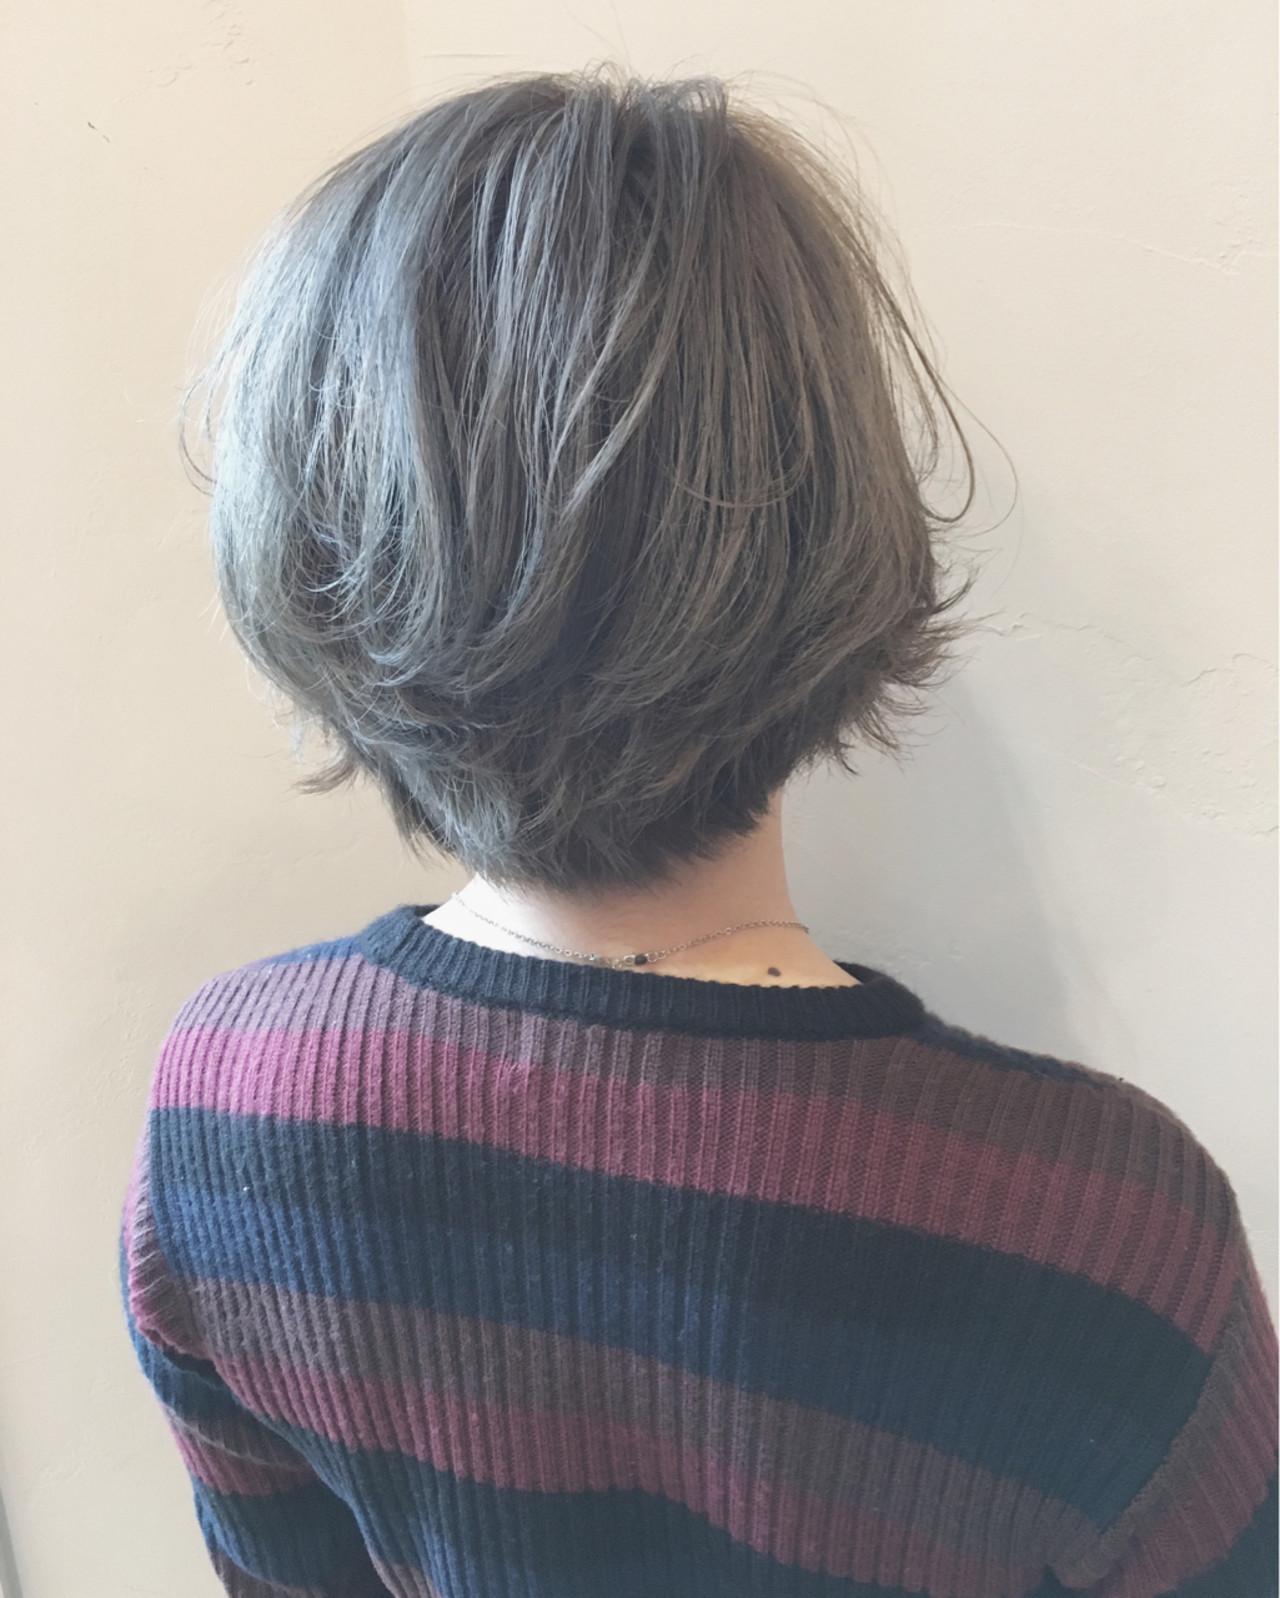 ボブ パーマ イルミナカラー ガーリー ヘアスタイルや髪型の写真・画像 | 須賀 ユウスケ / Rizm